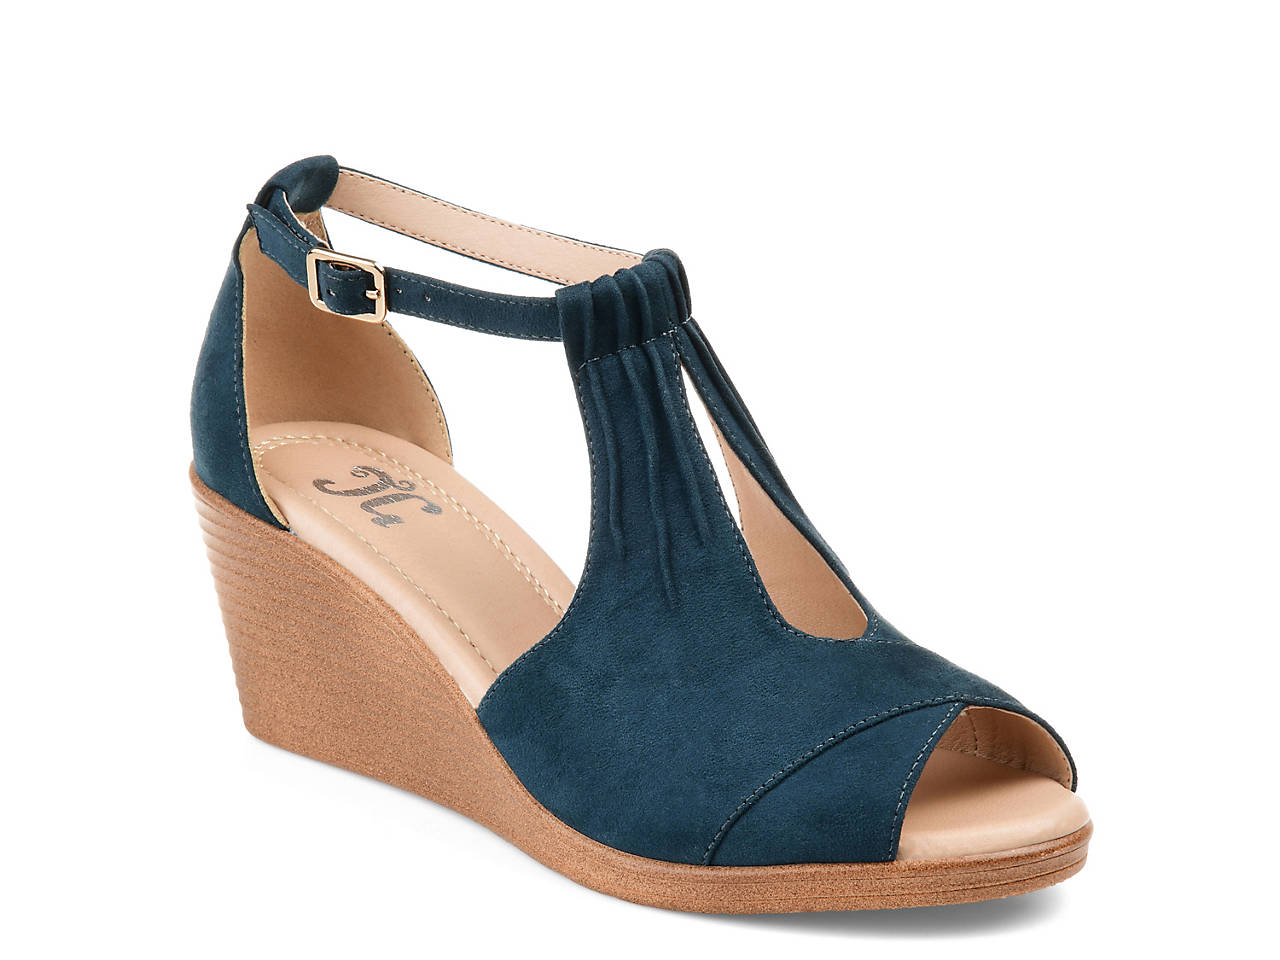 0f4b89eabb Journee Collection Kedzie Wedge Sandal Women's Shoes | DSW